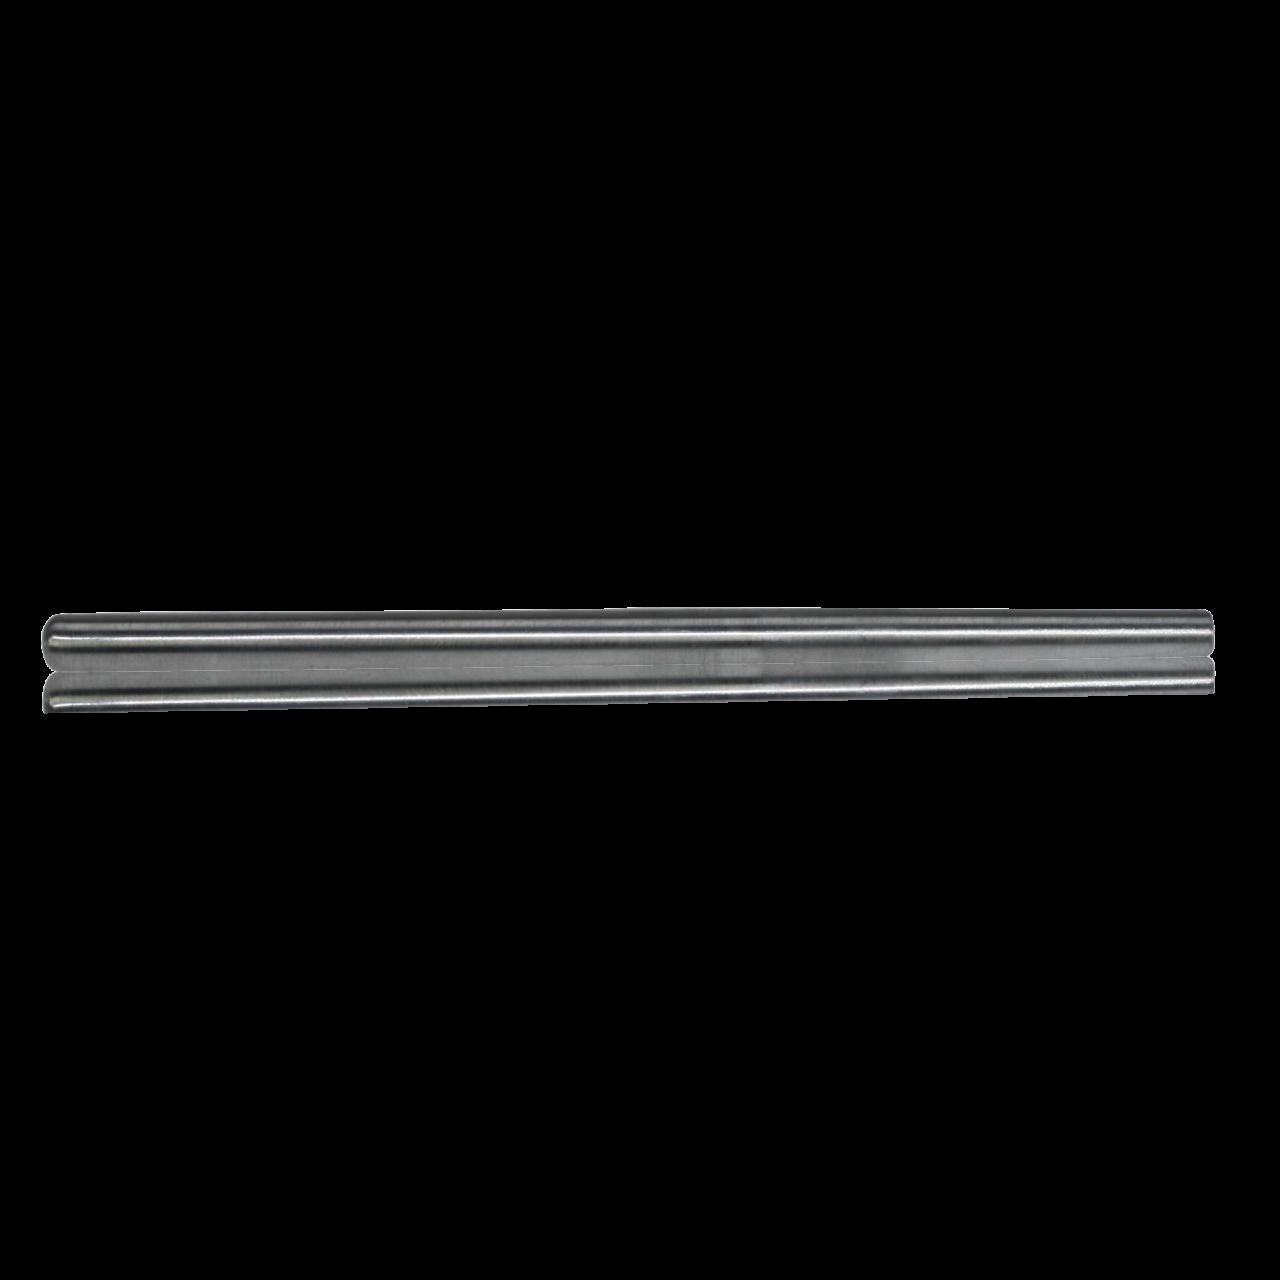 Kanülenhalter für Einmalkanüle Halter für Einweg-Kanülen